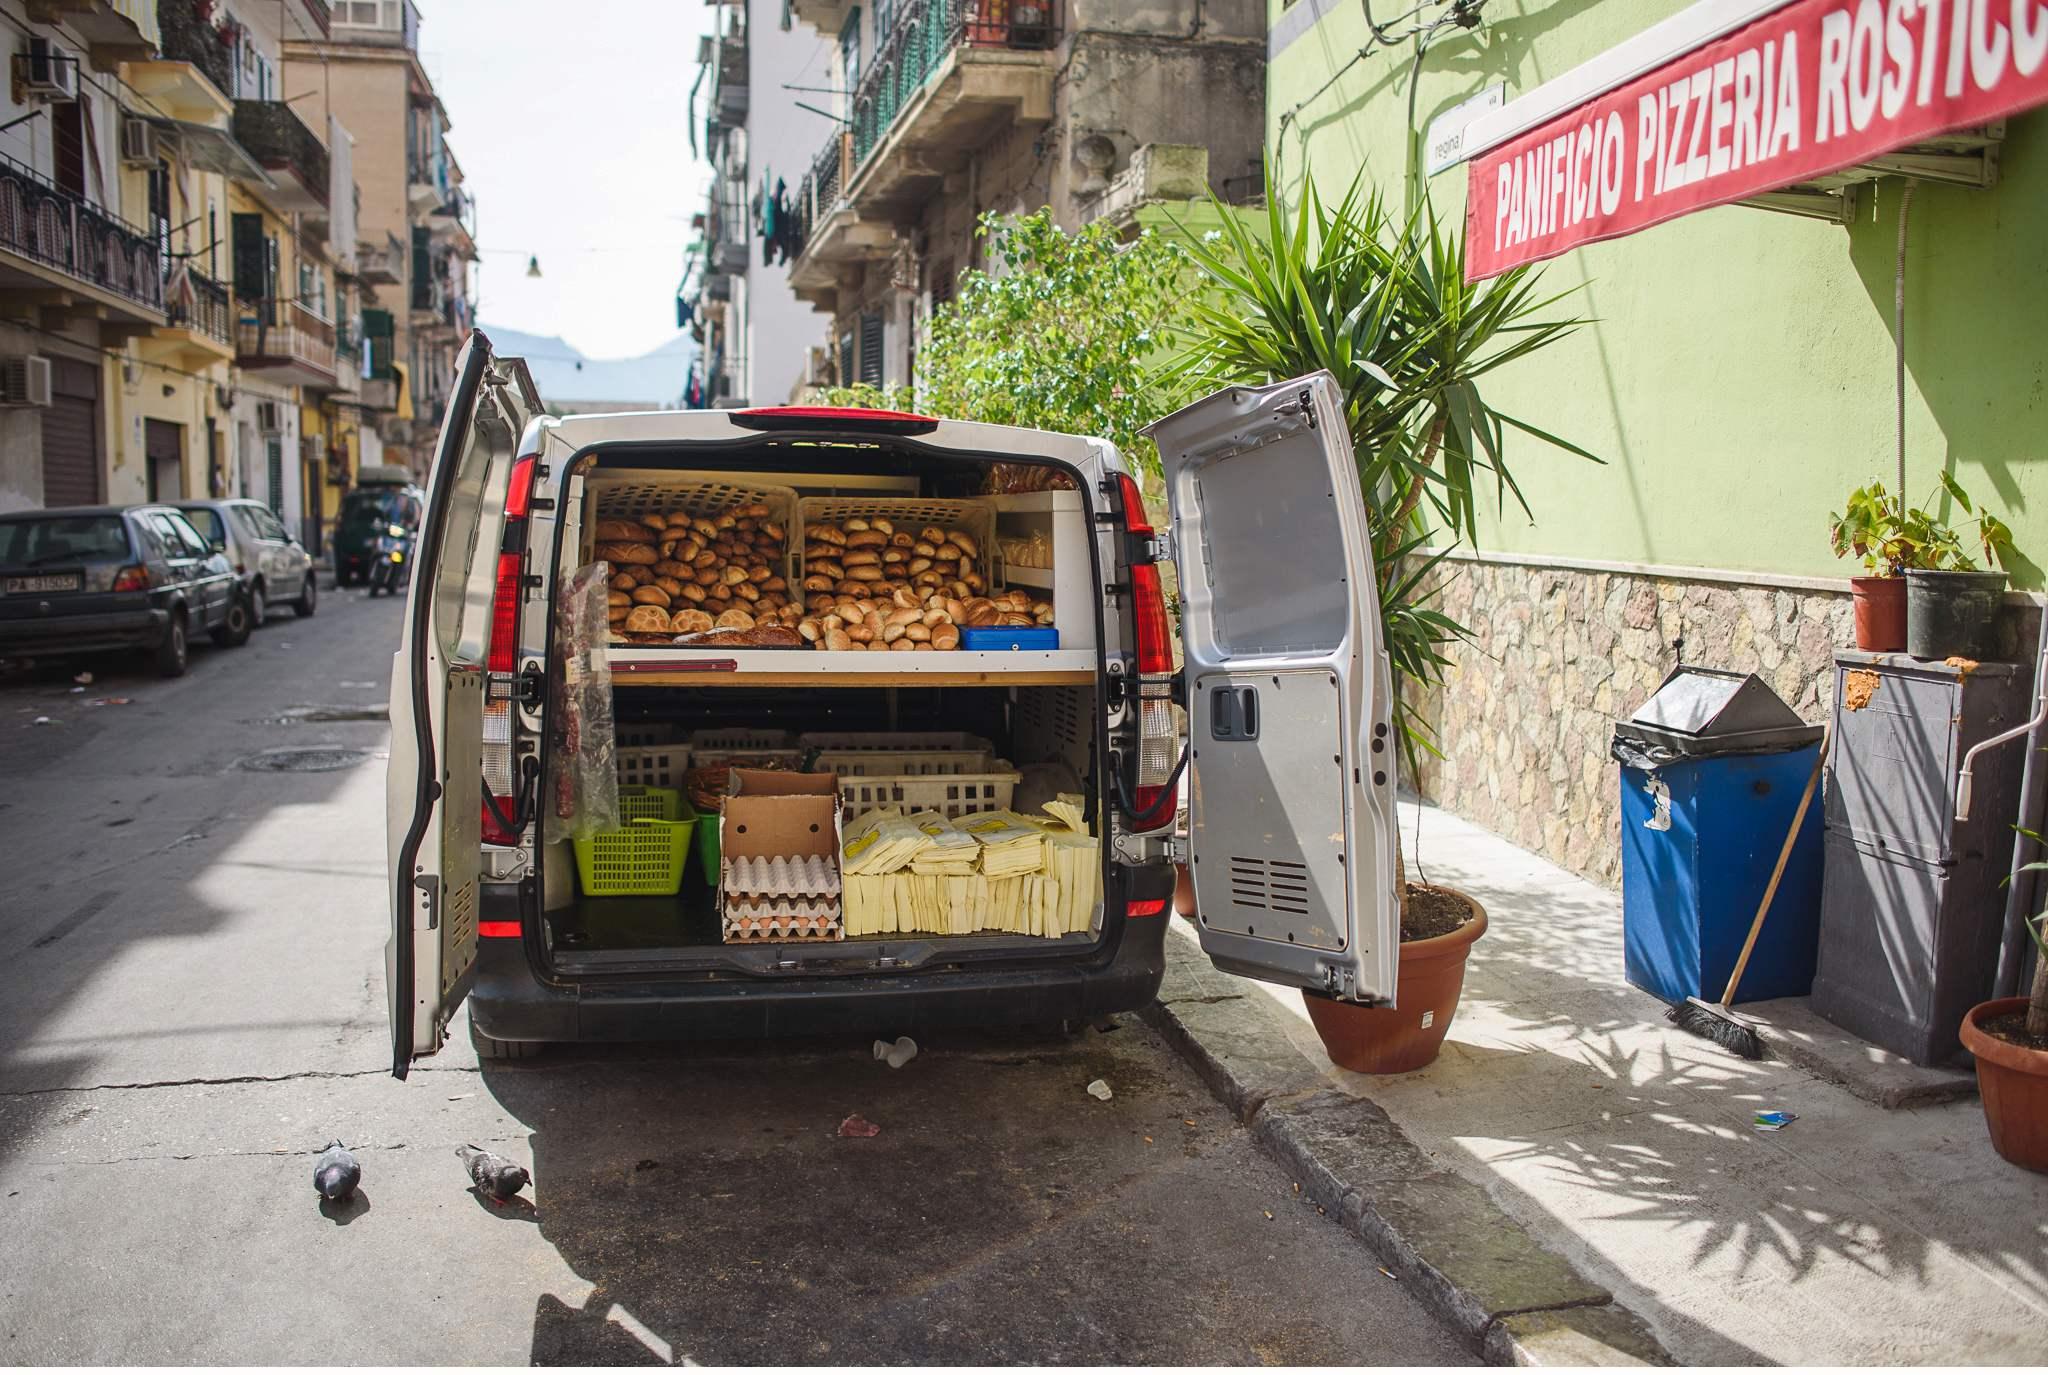 Palermo - visit Palermo - Italien - By Daniel Kempf-Seifried - Geschichten von unterwegs-72